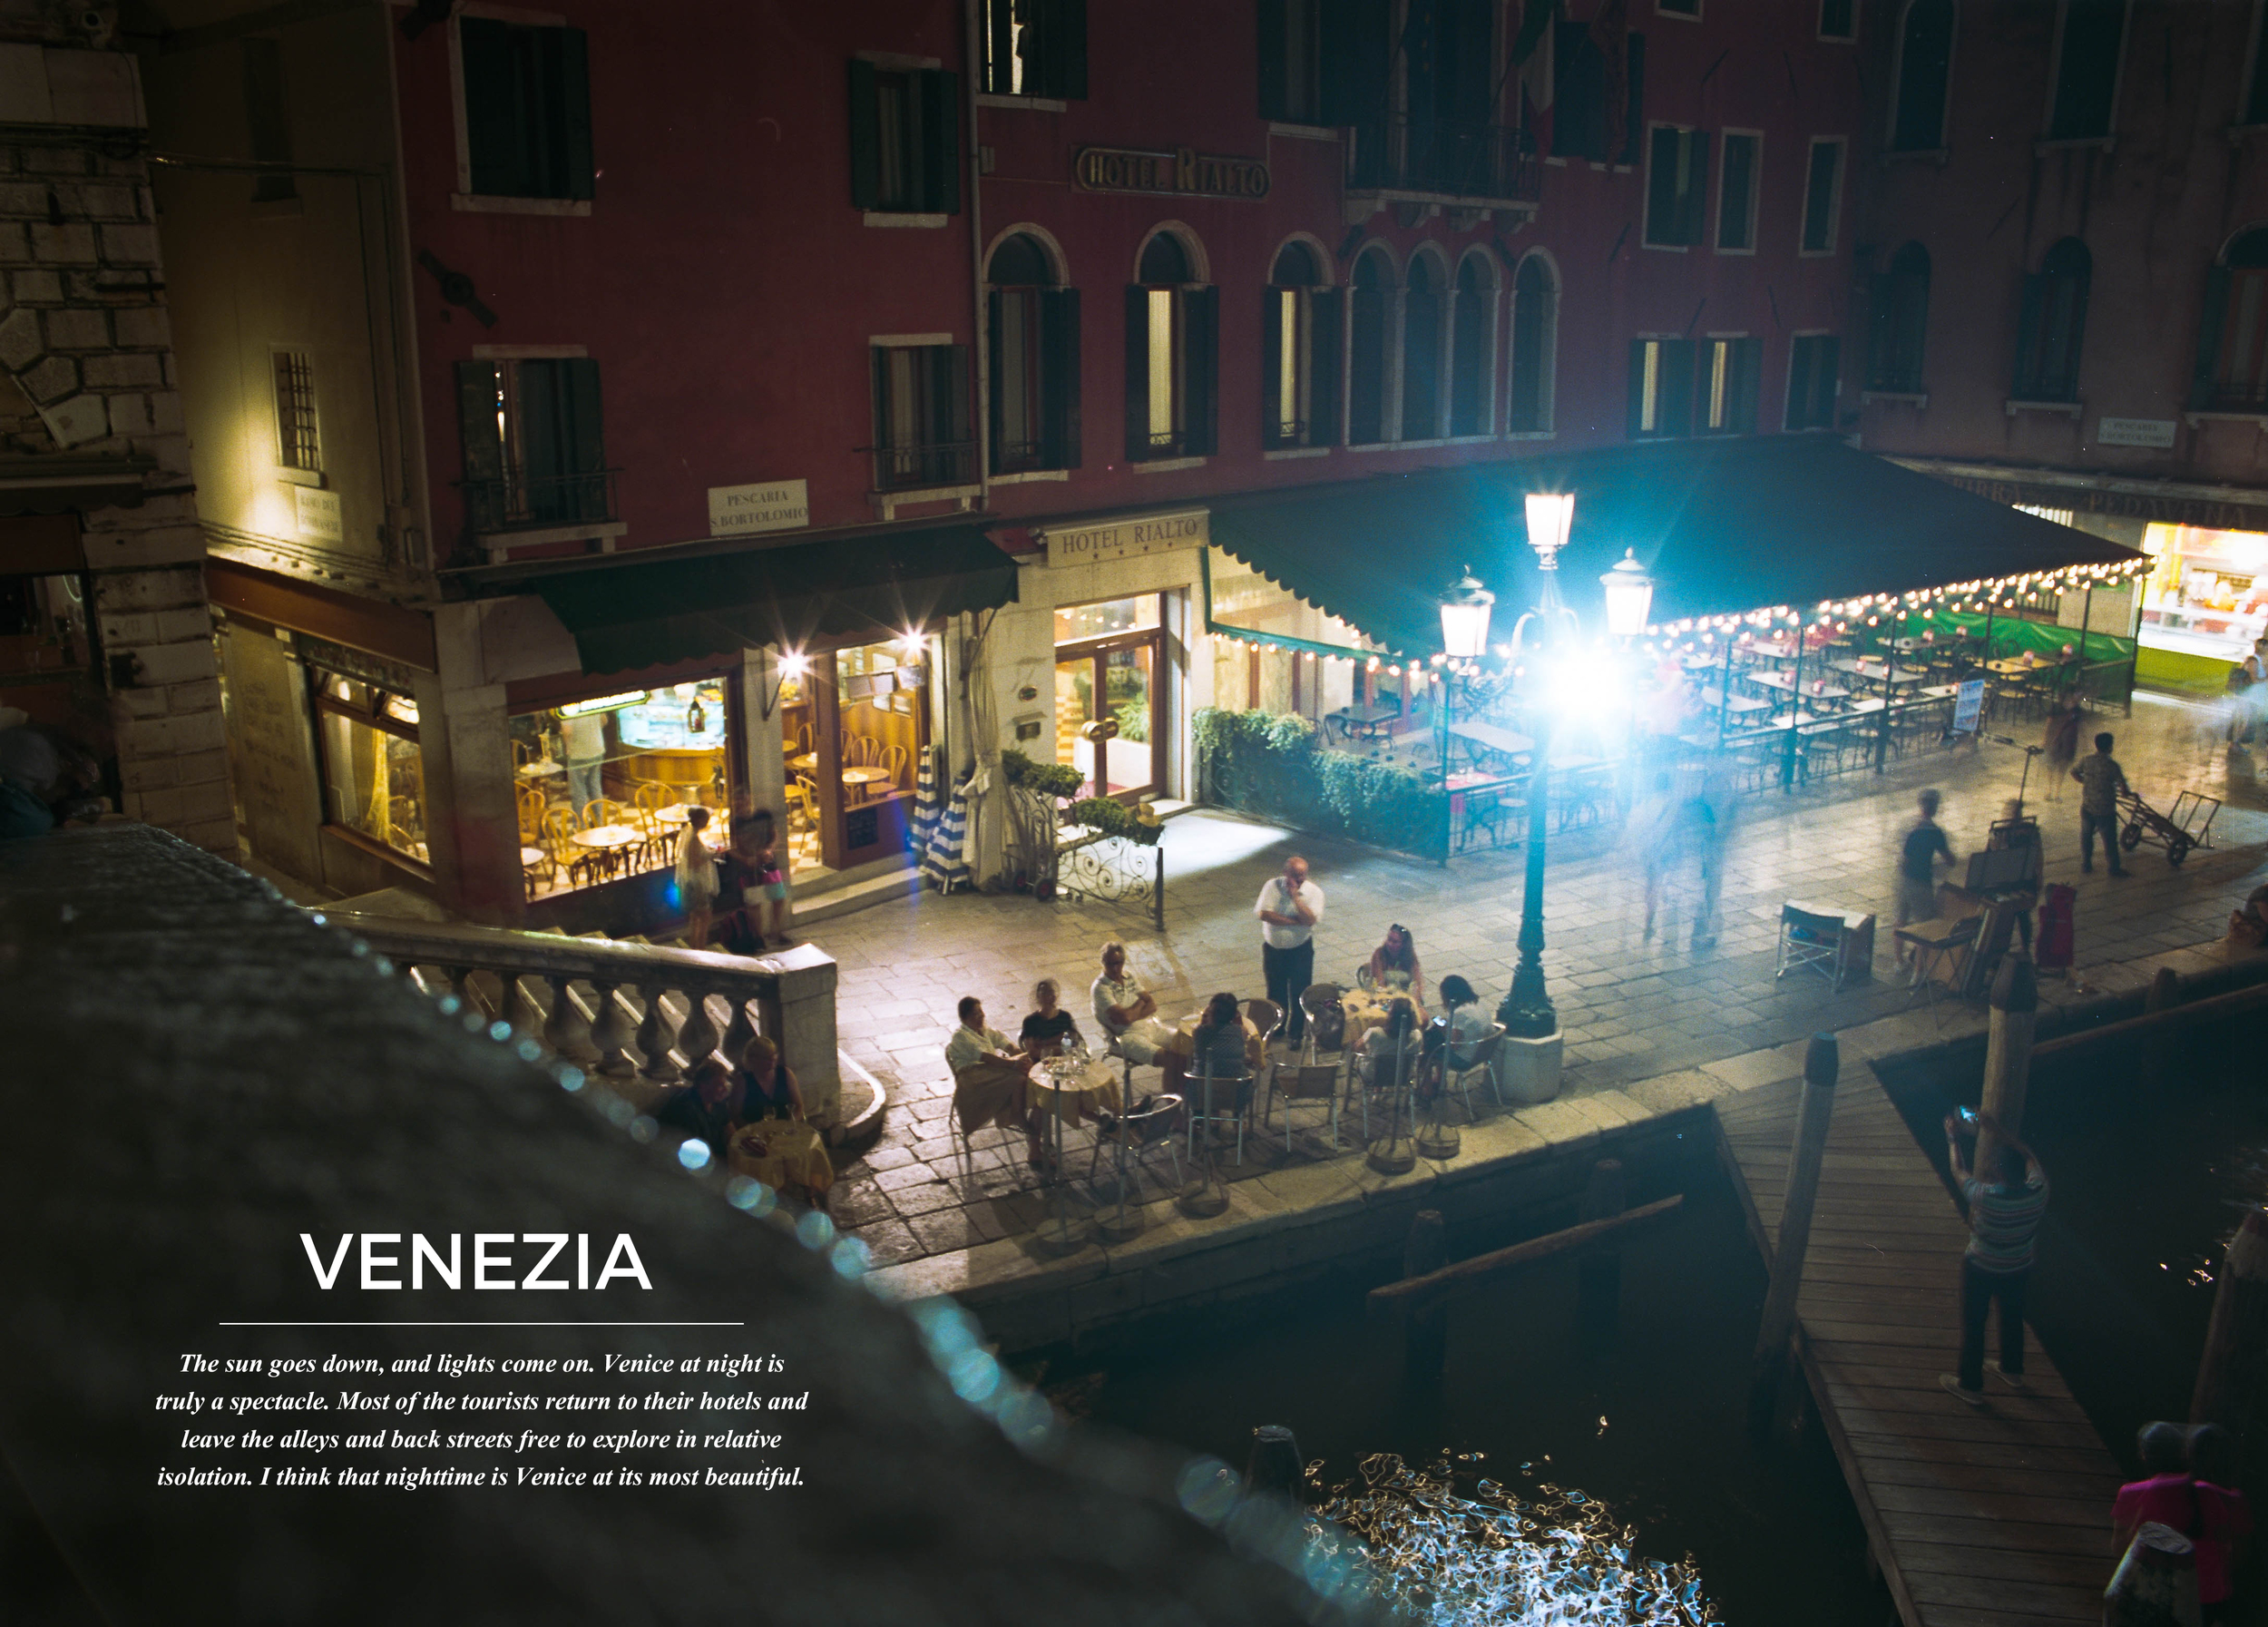 venezia002_info.jpg